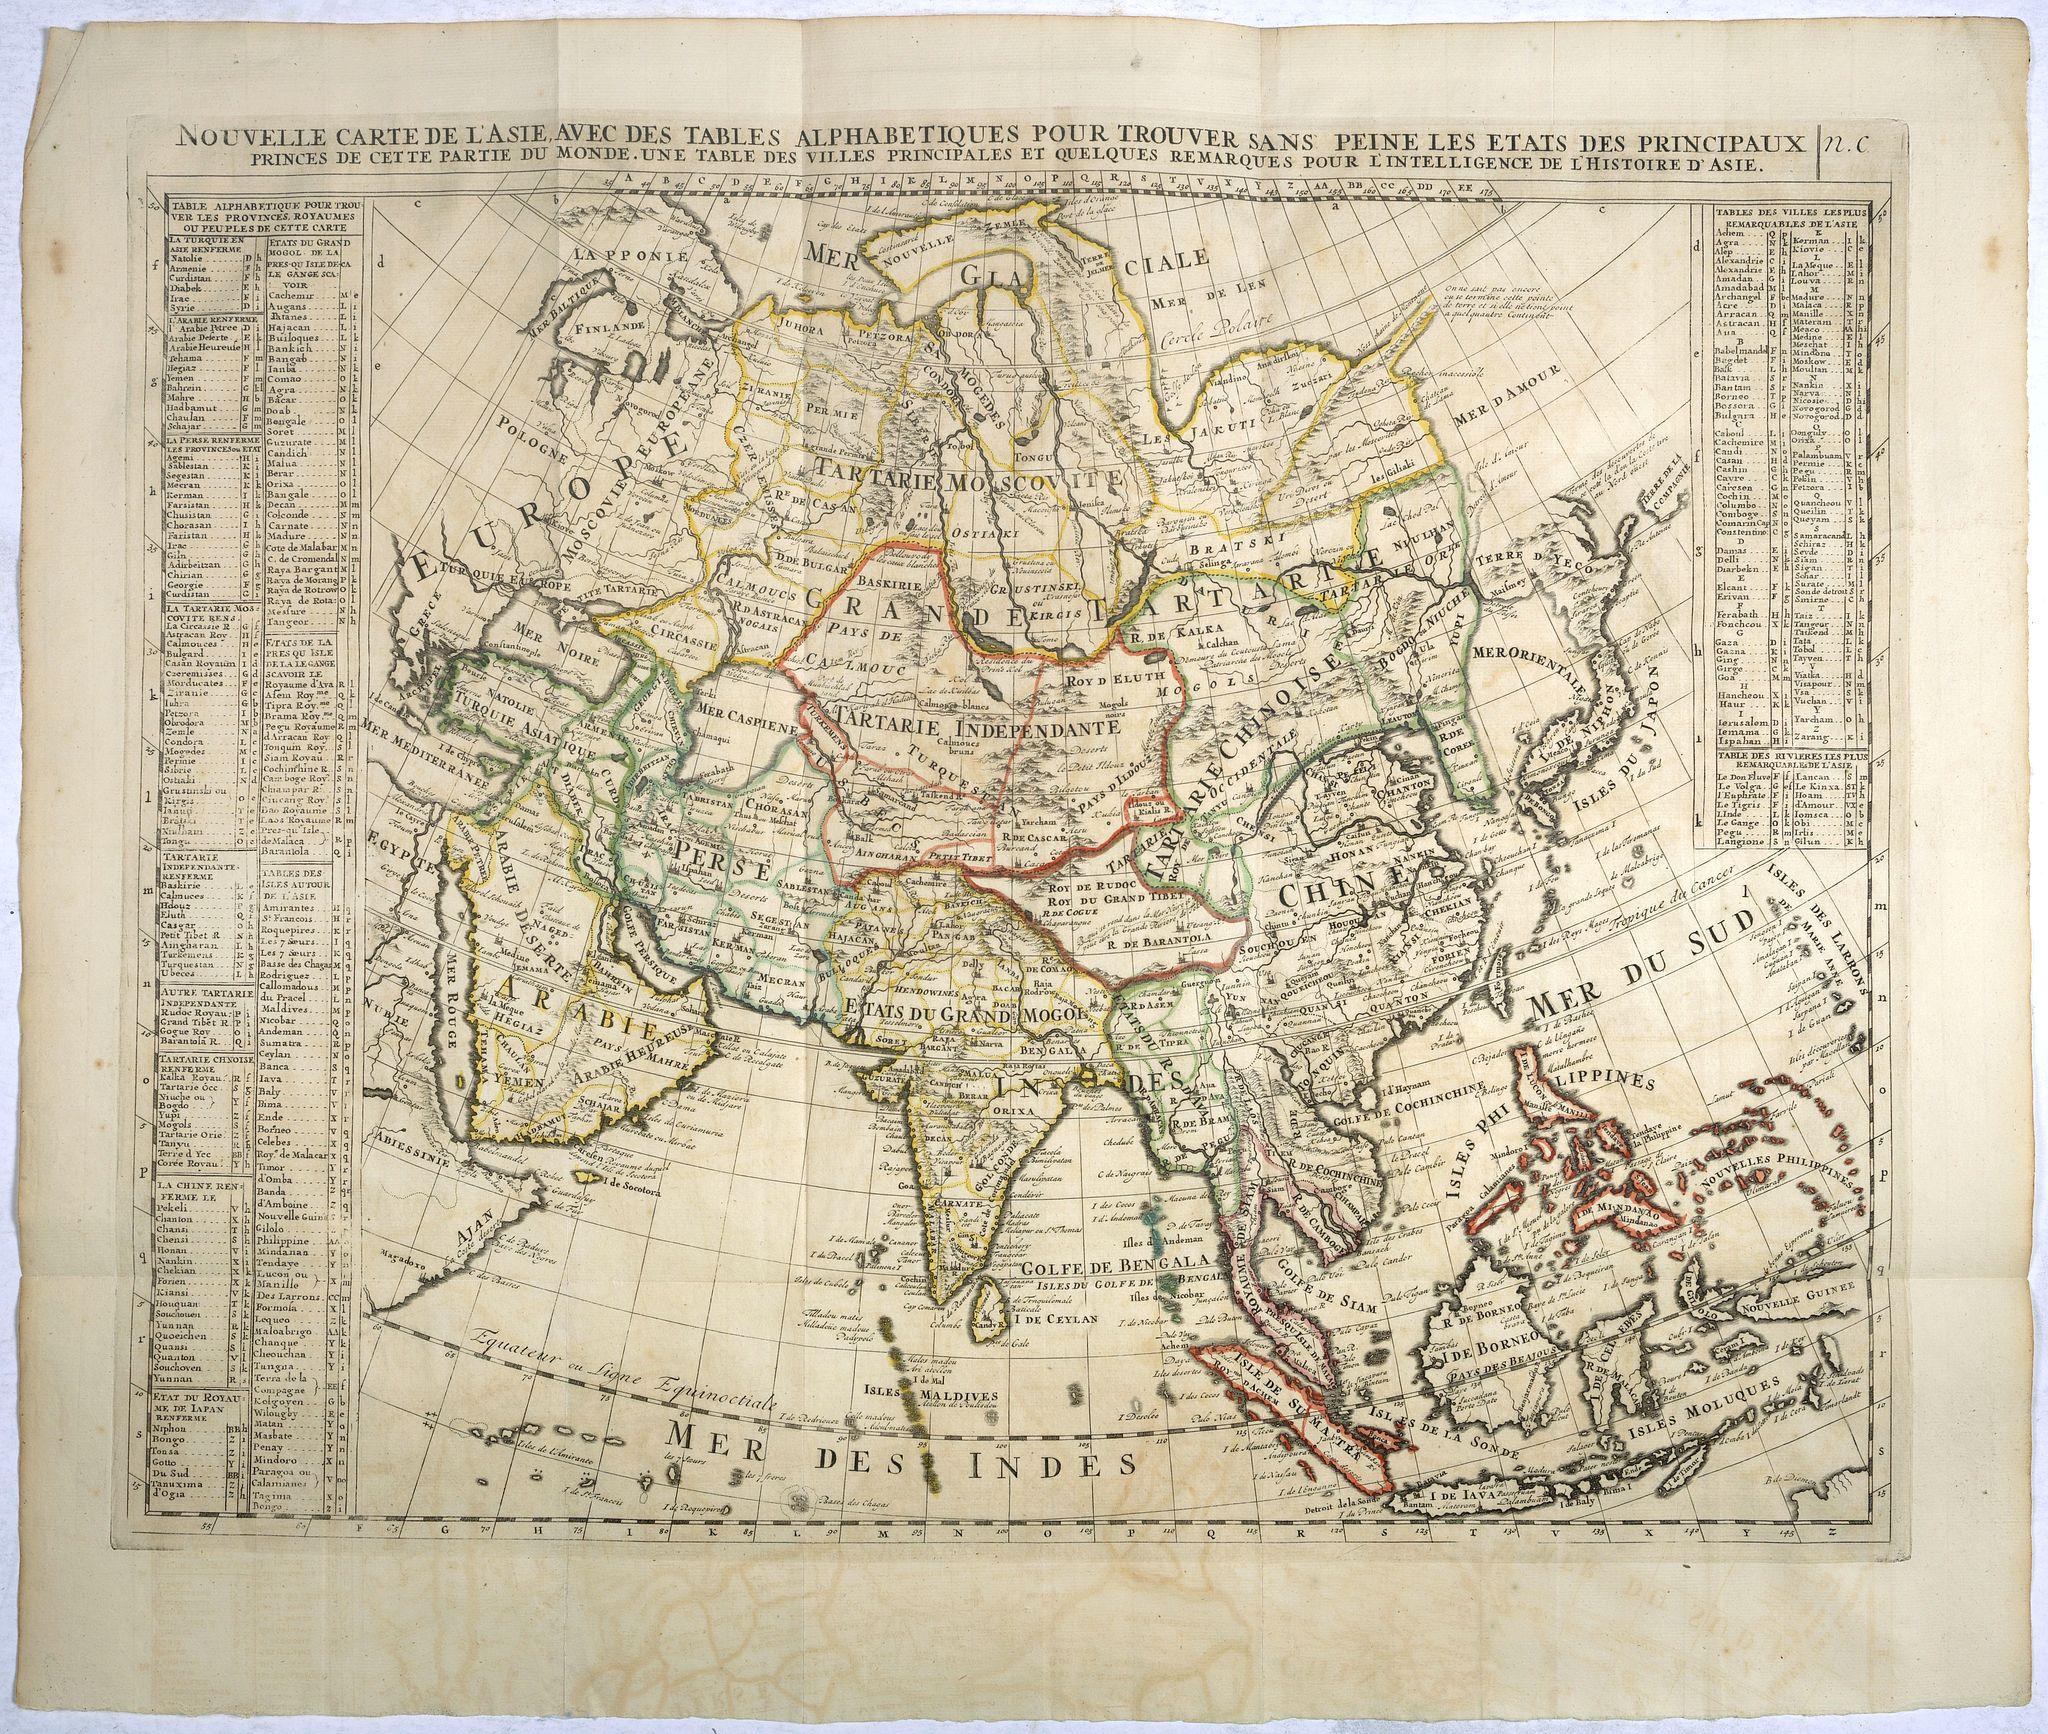 CHATELAIN,H. -  Nouvelle Carte De L'Asie Avec Des Tables Alphabetiques Pour Trouver Sans Peine Les Etats Des Principaux Princes De Cette Partie Du Monde . . .